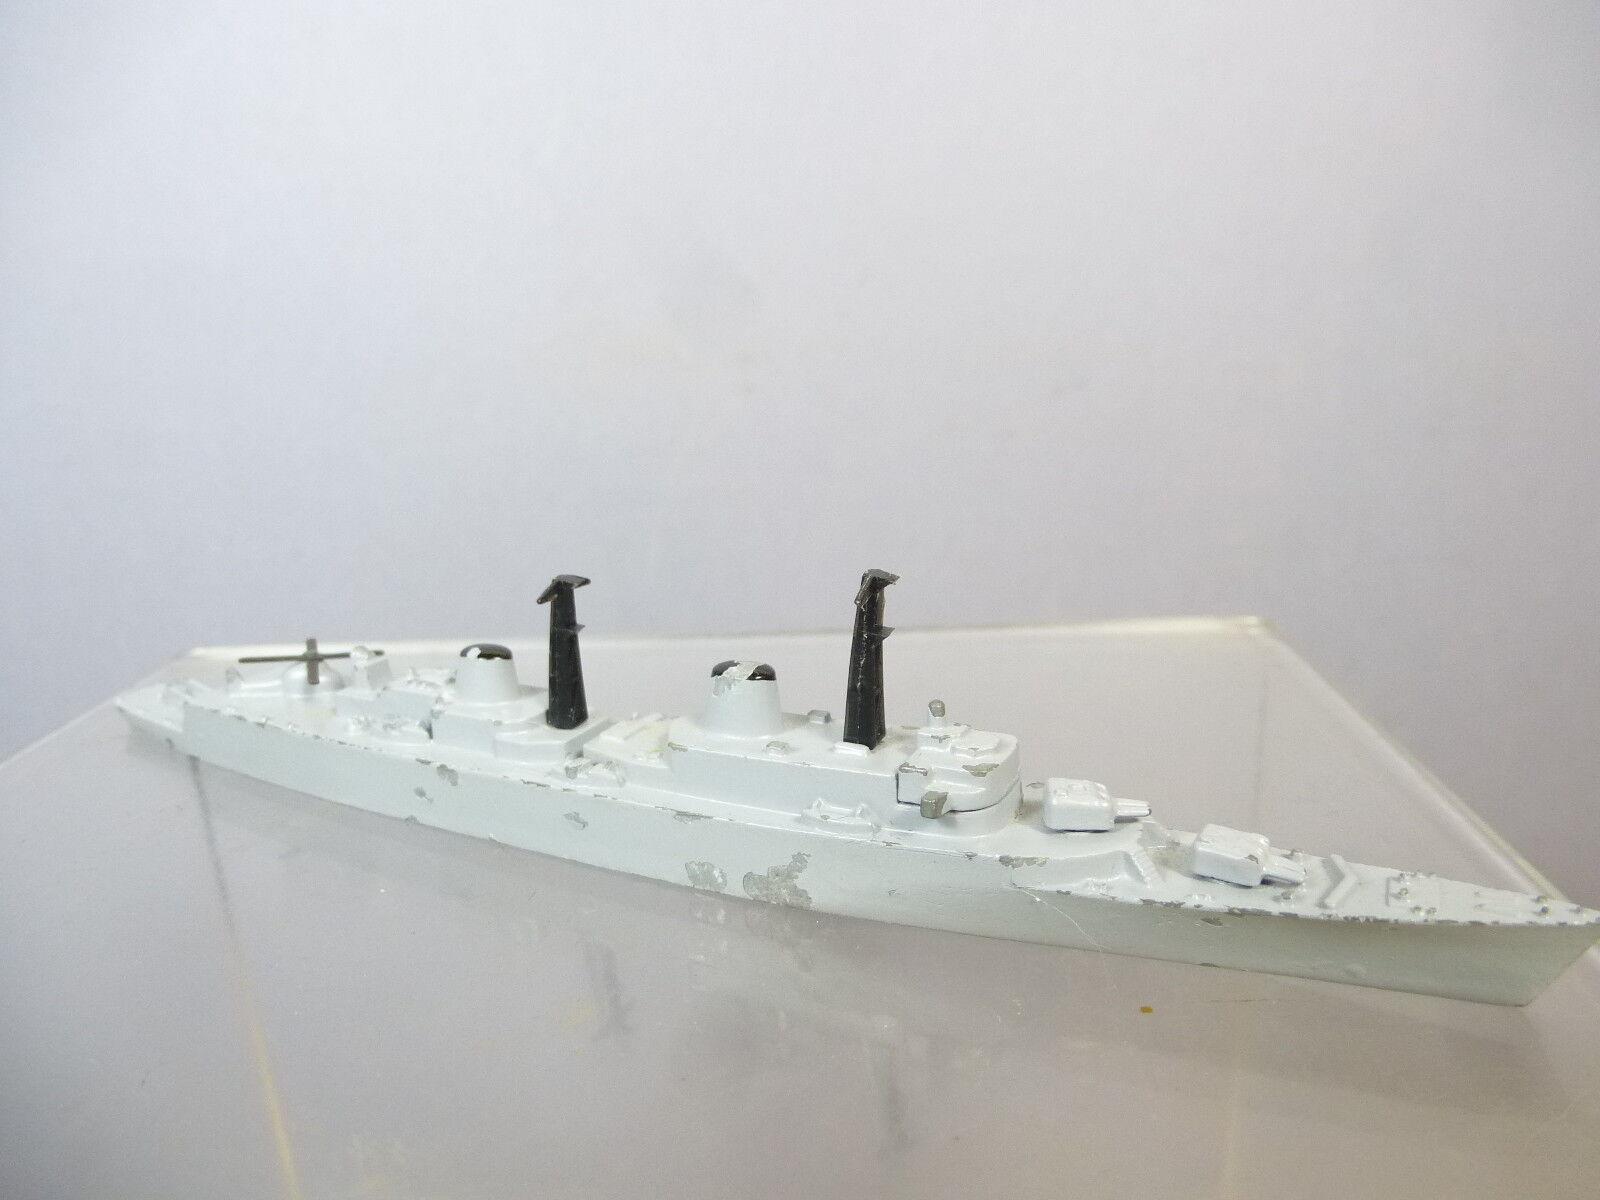 Vintage Tri-ang Minic Línea De Flotación Modelo No.786  HMS London  destructor de misiles